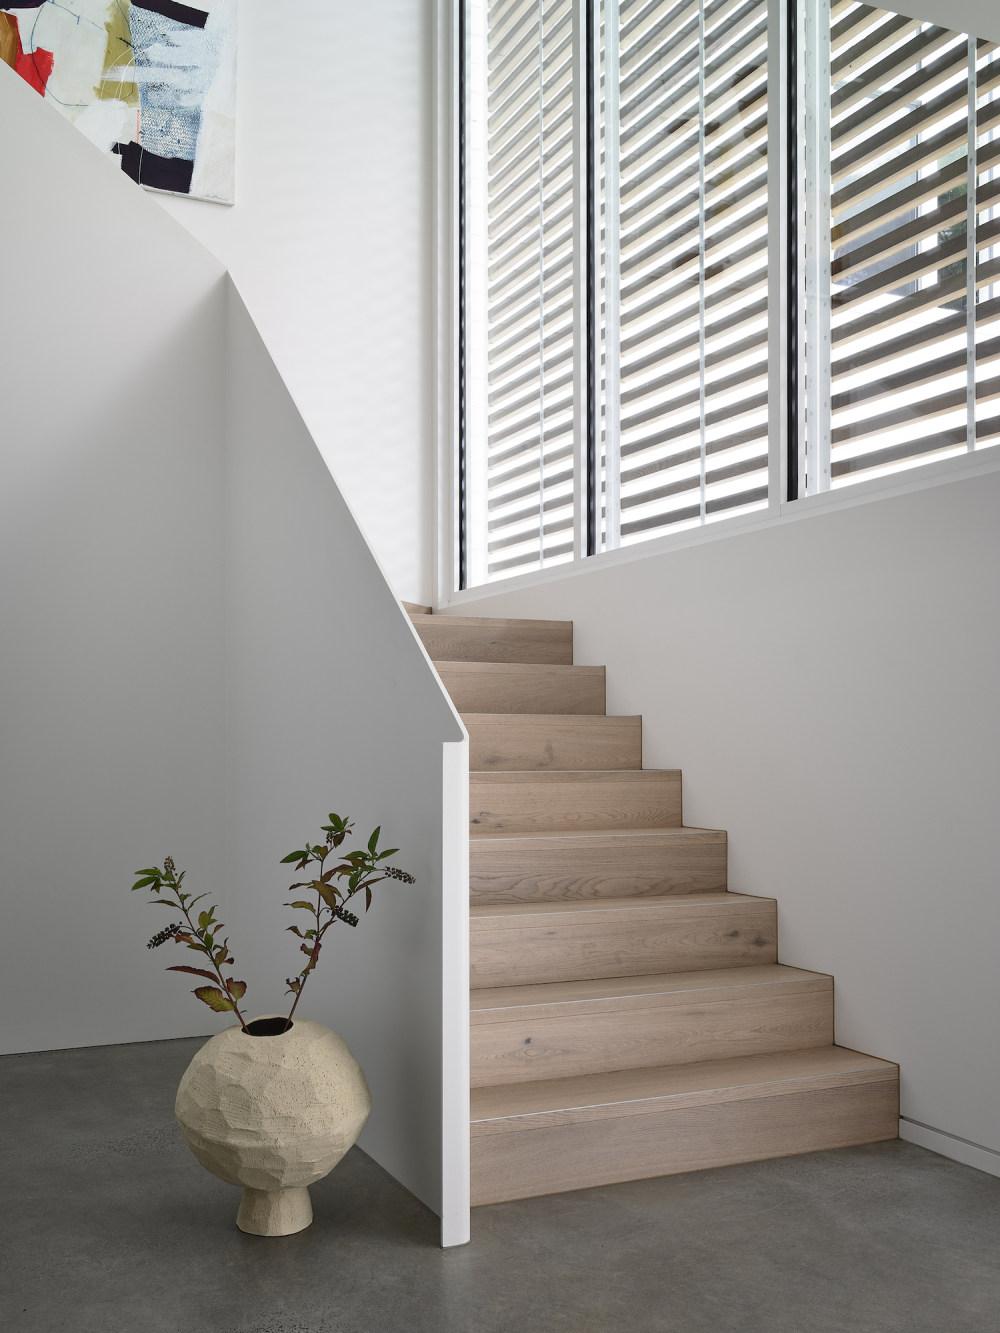 莫宁顿半岛家庭海滨别墅 | Wolveridge Architects_vsszan19363170839247.jpg